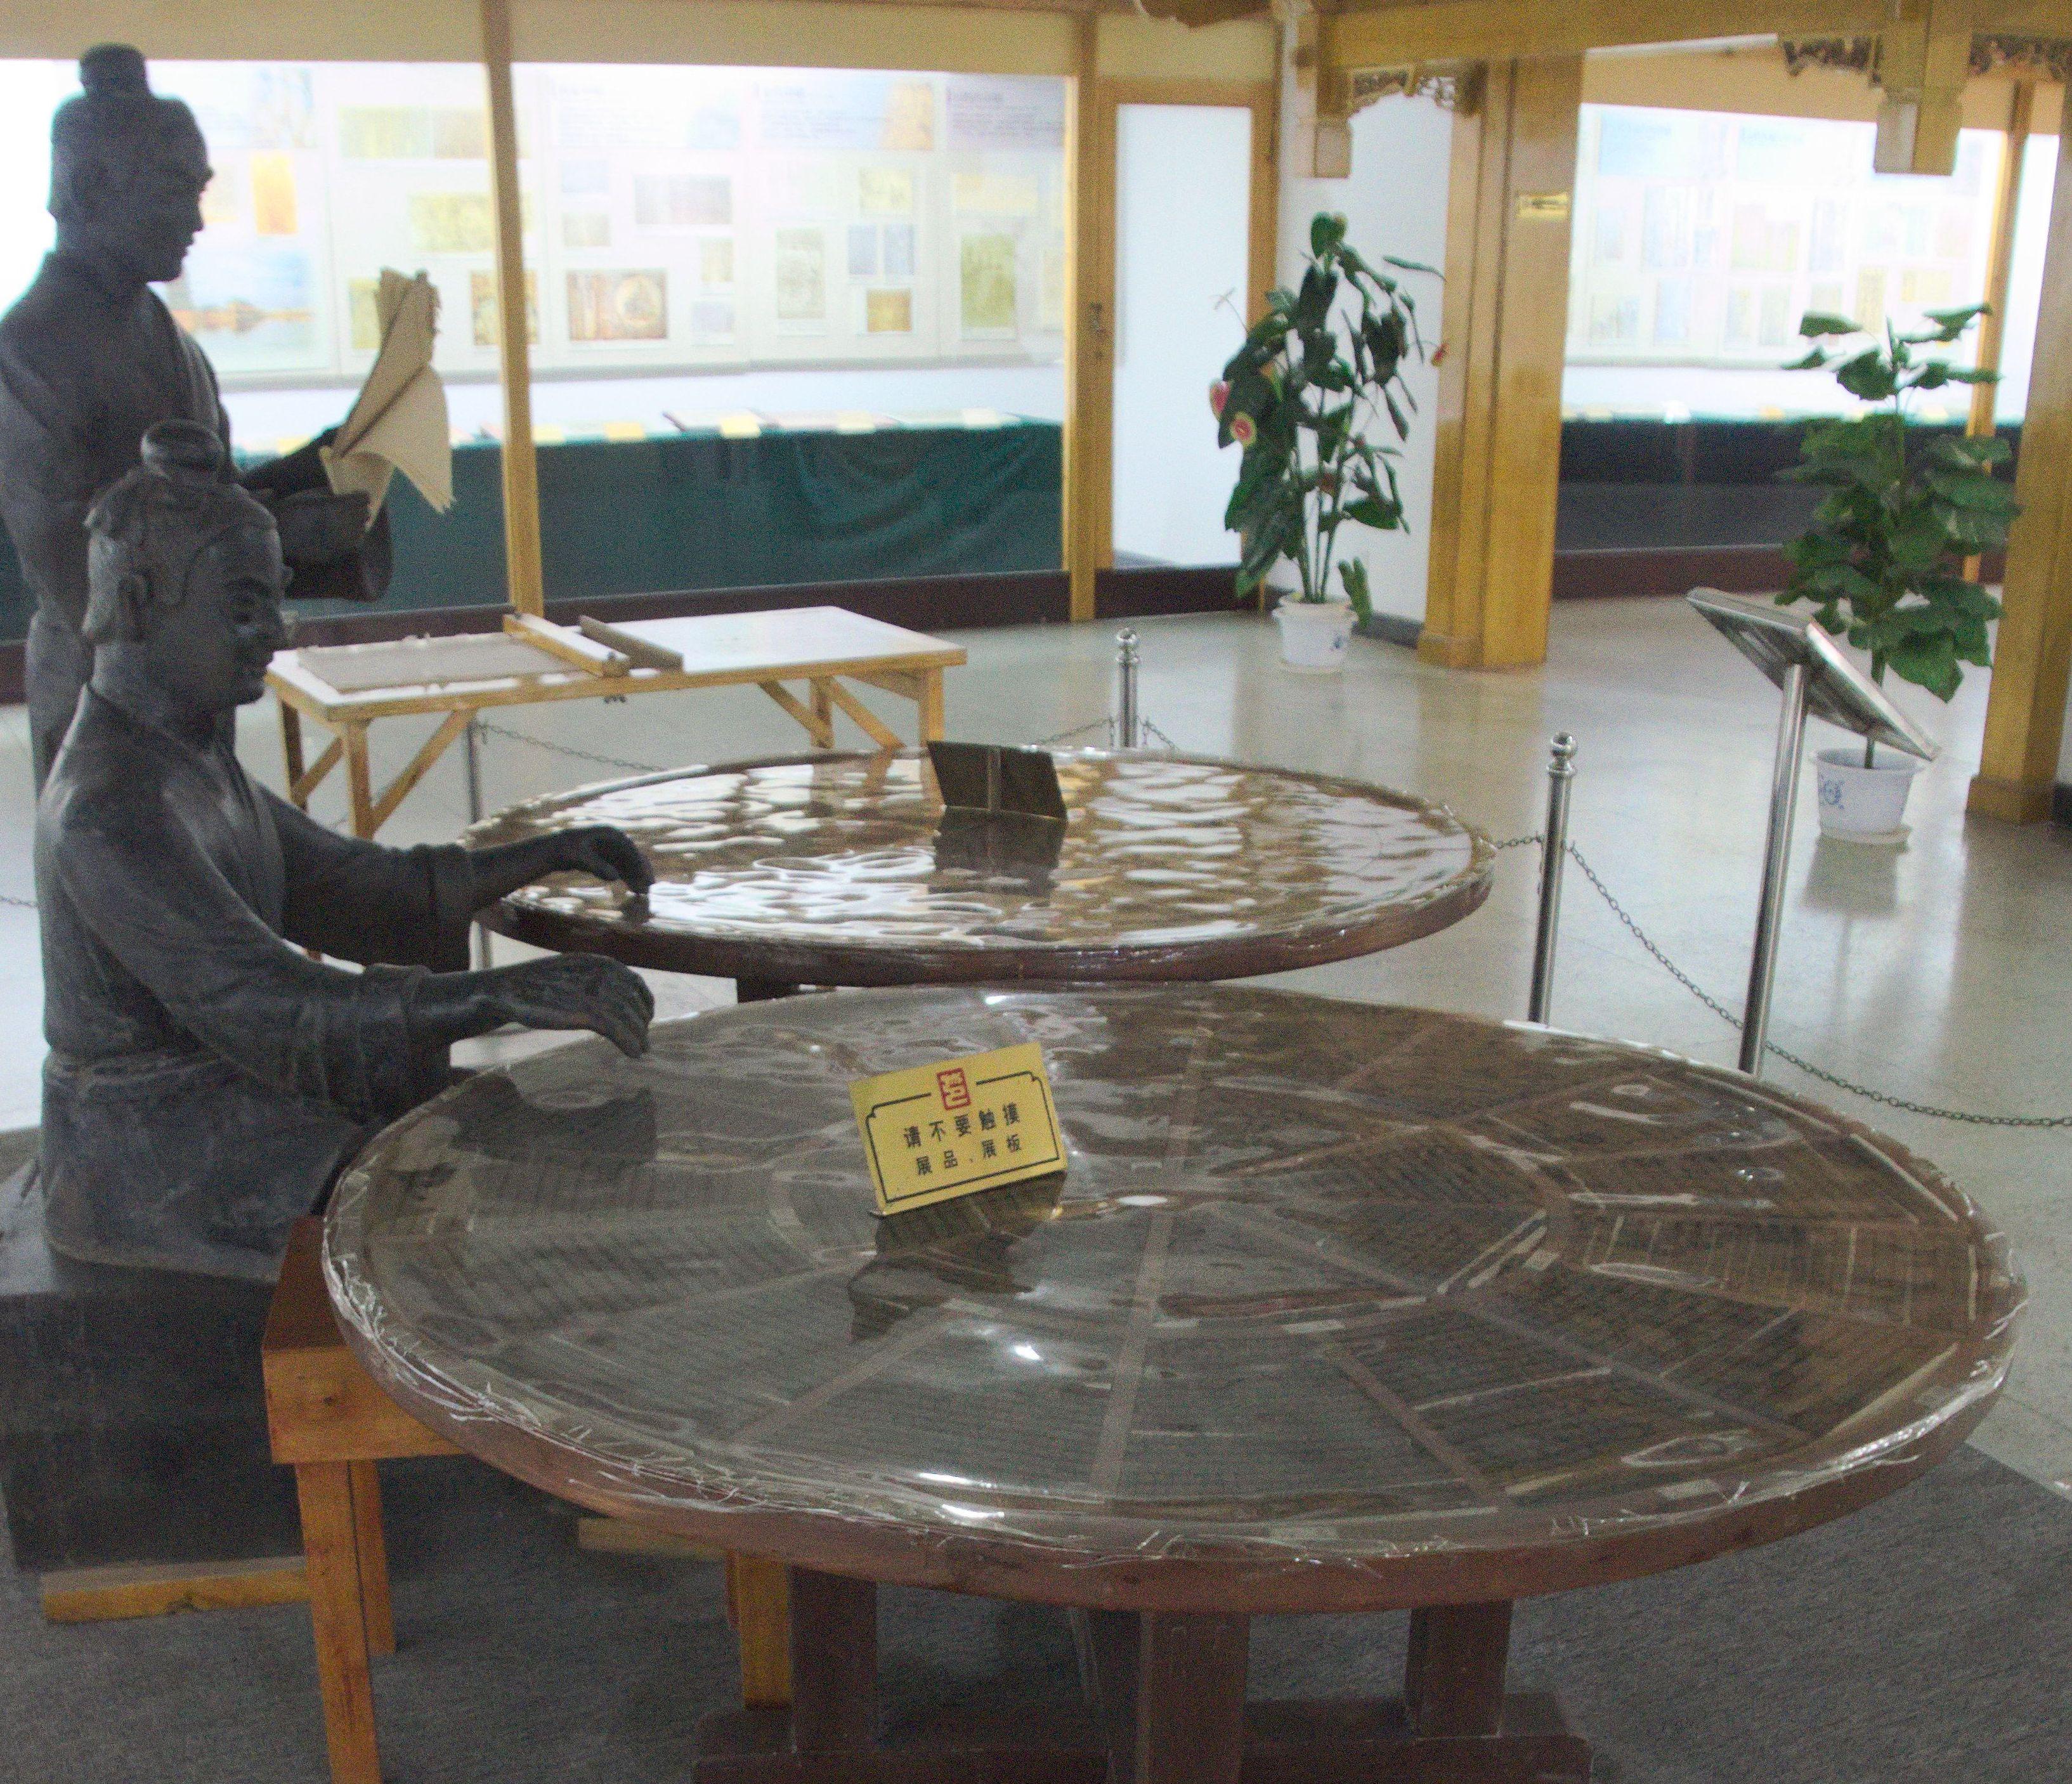 Reconstituire a tiparului cu caractere mobile creat de Bi Sheng – Muzeul din Beijing